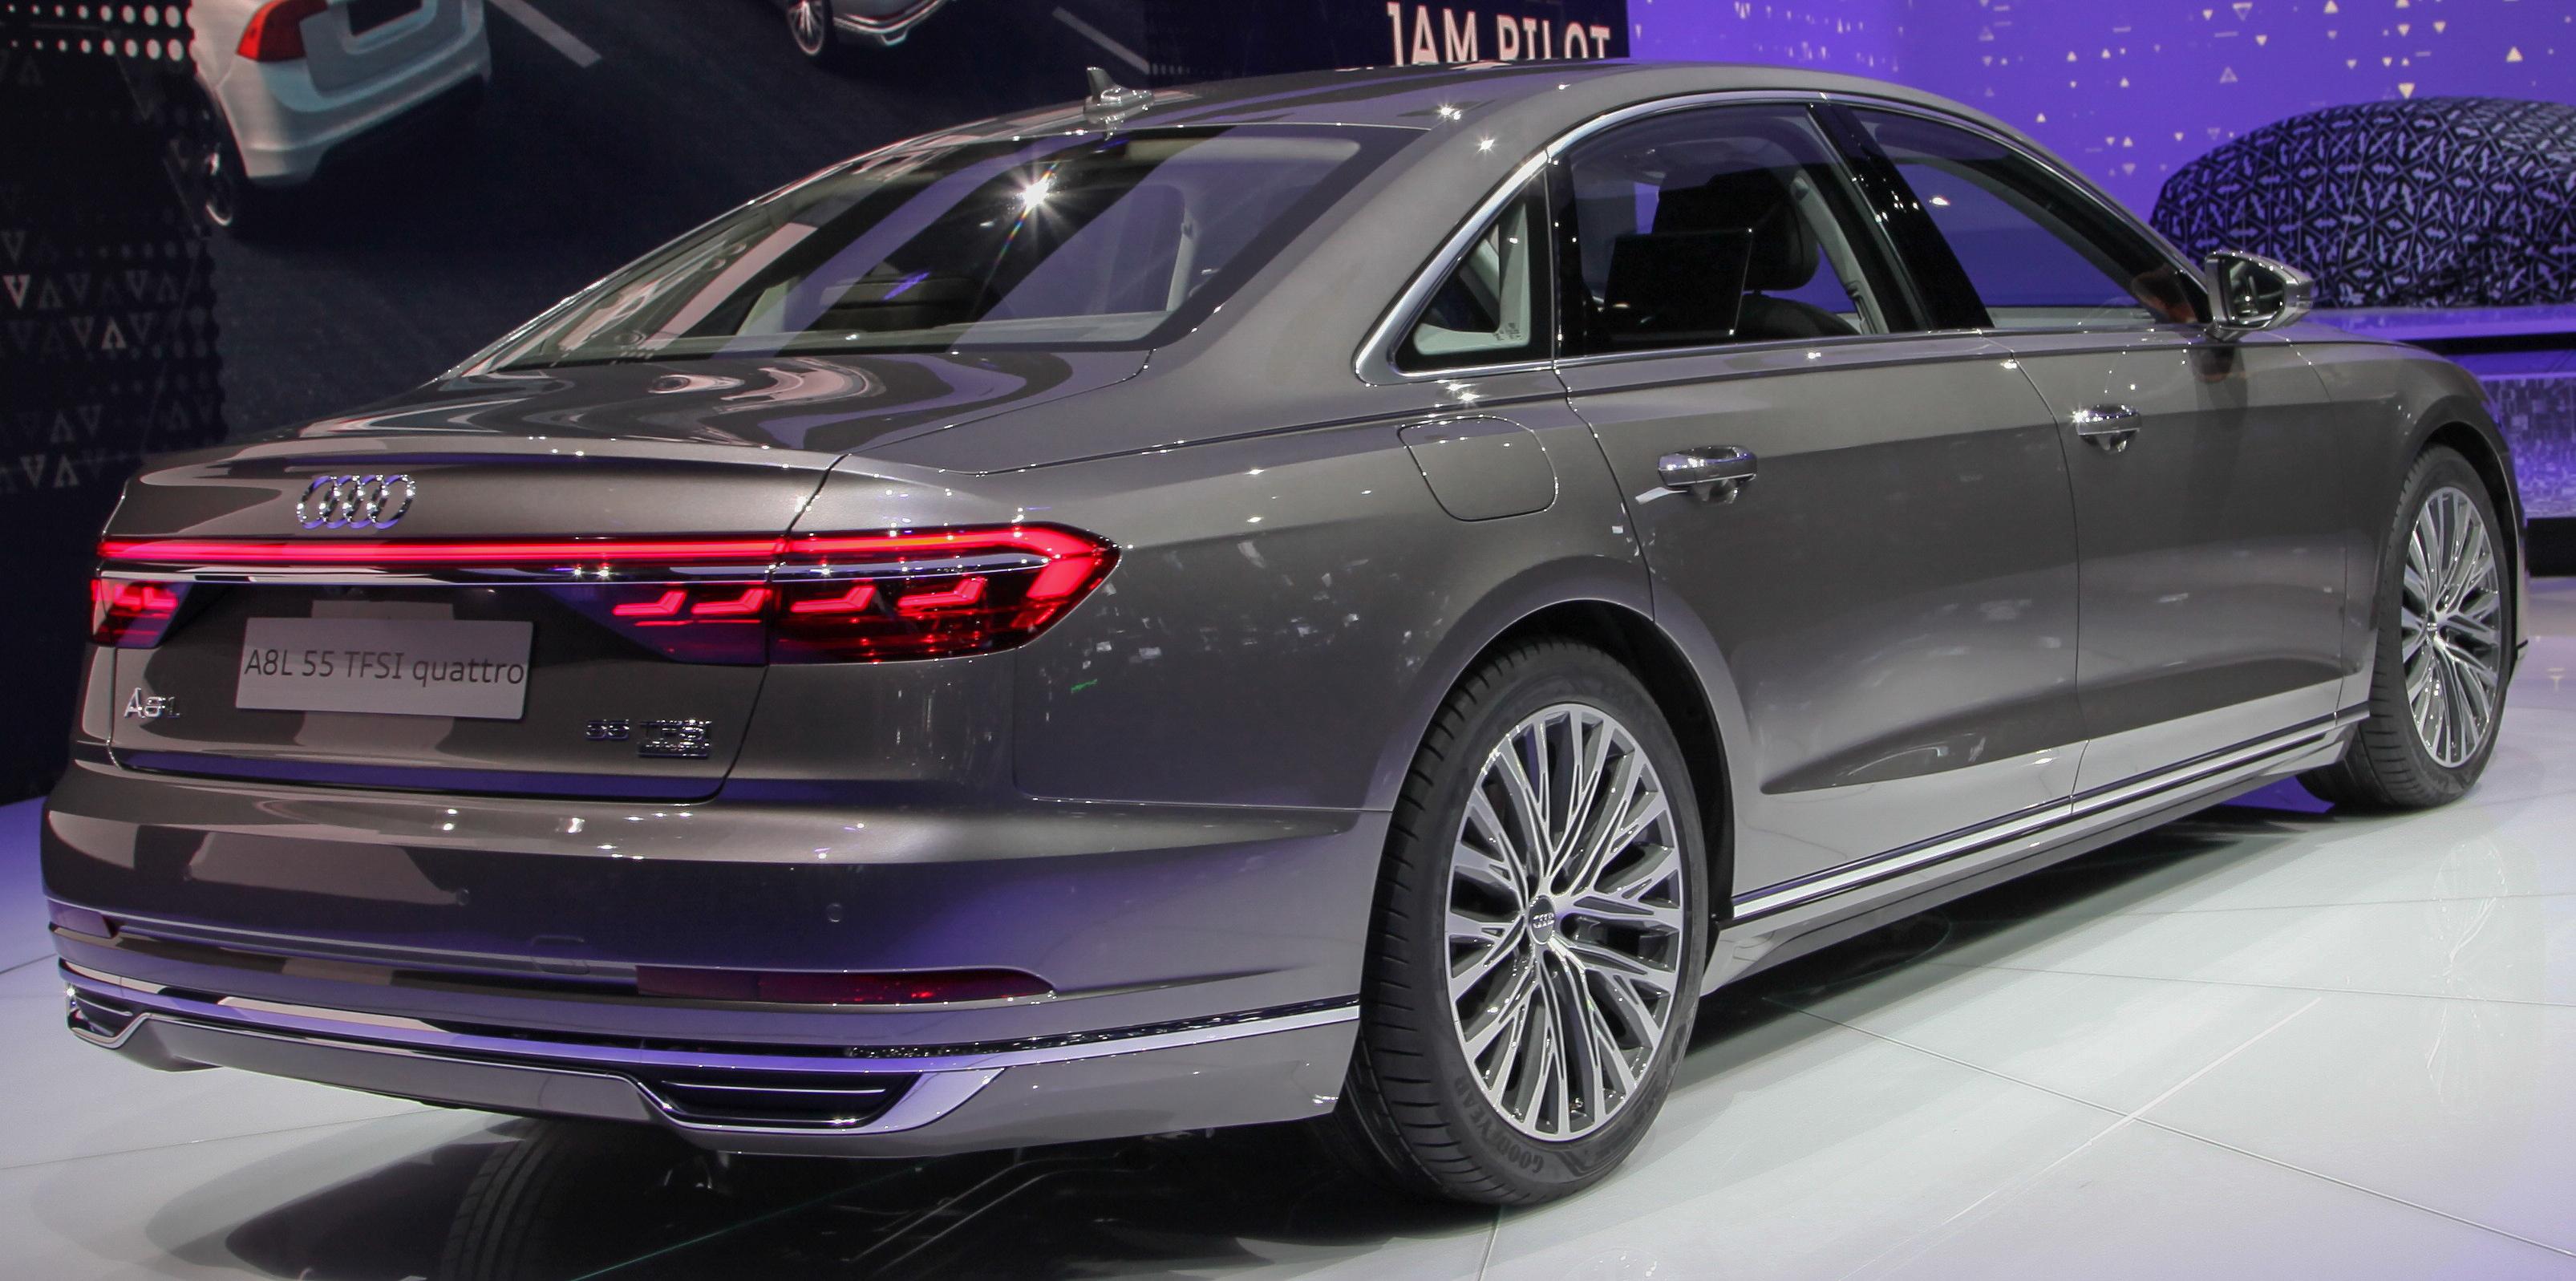 Kelebihan Kekurangan Audi 18 Harga